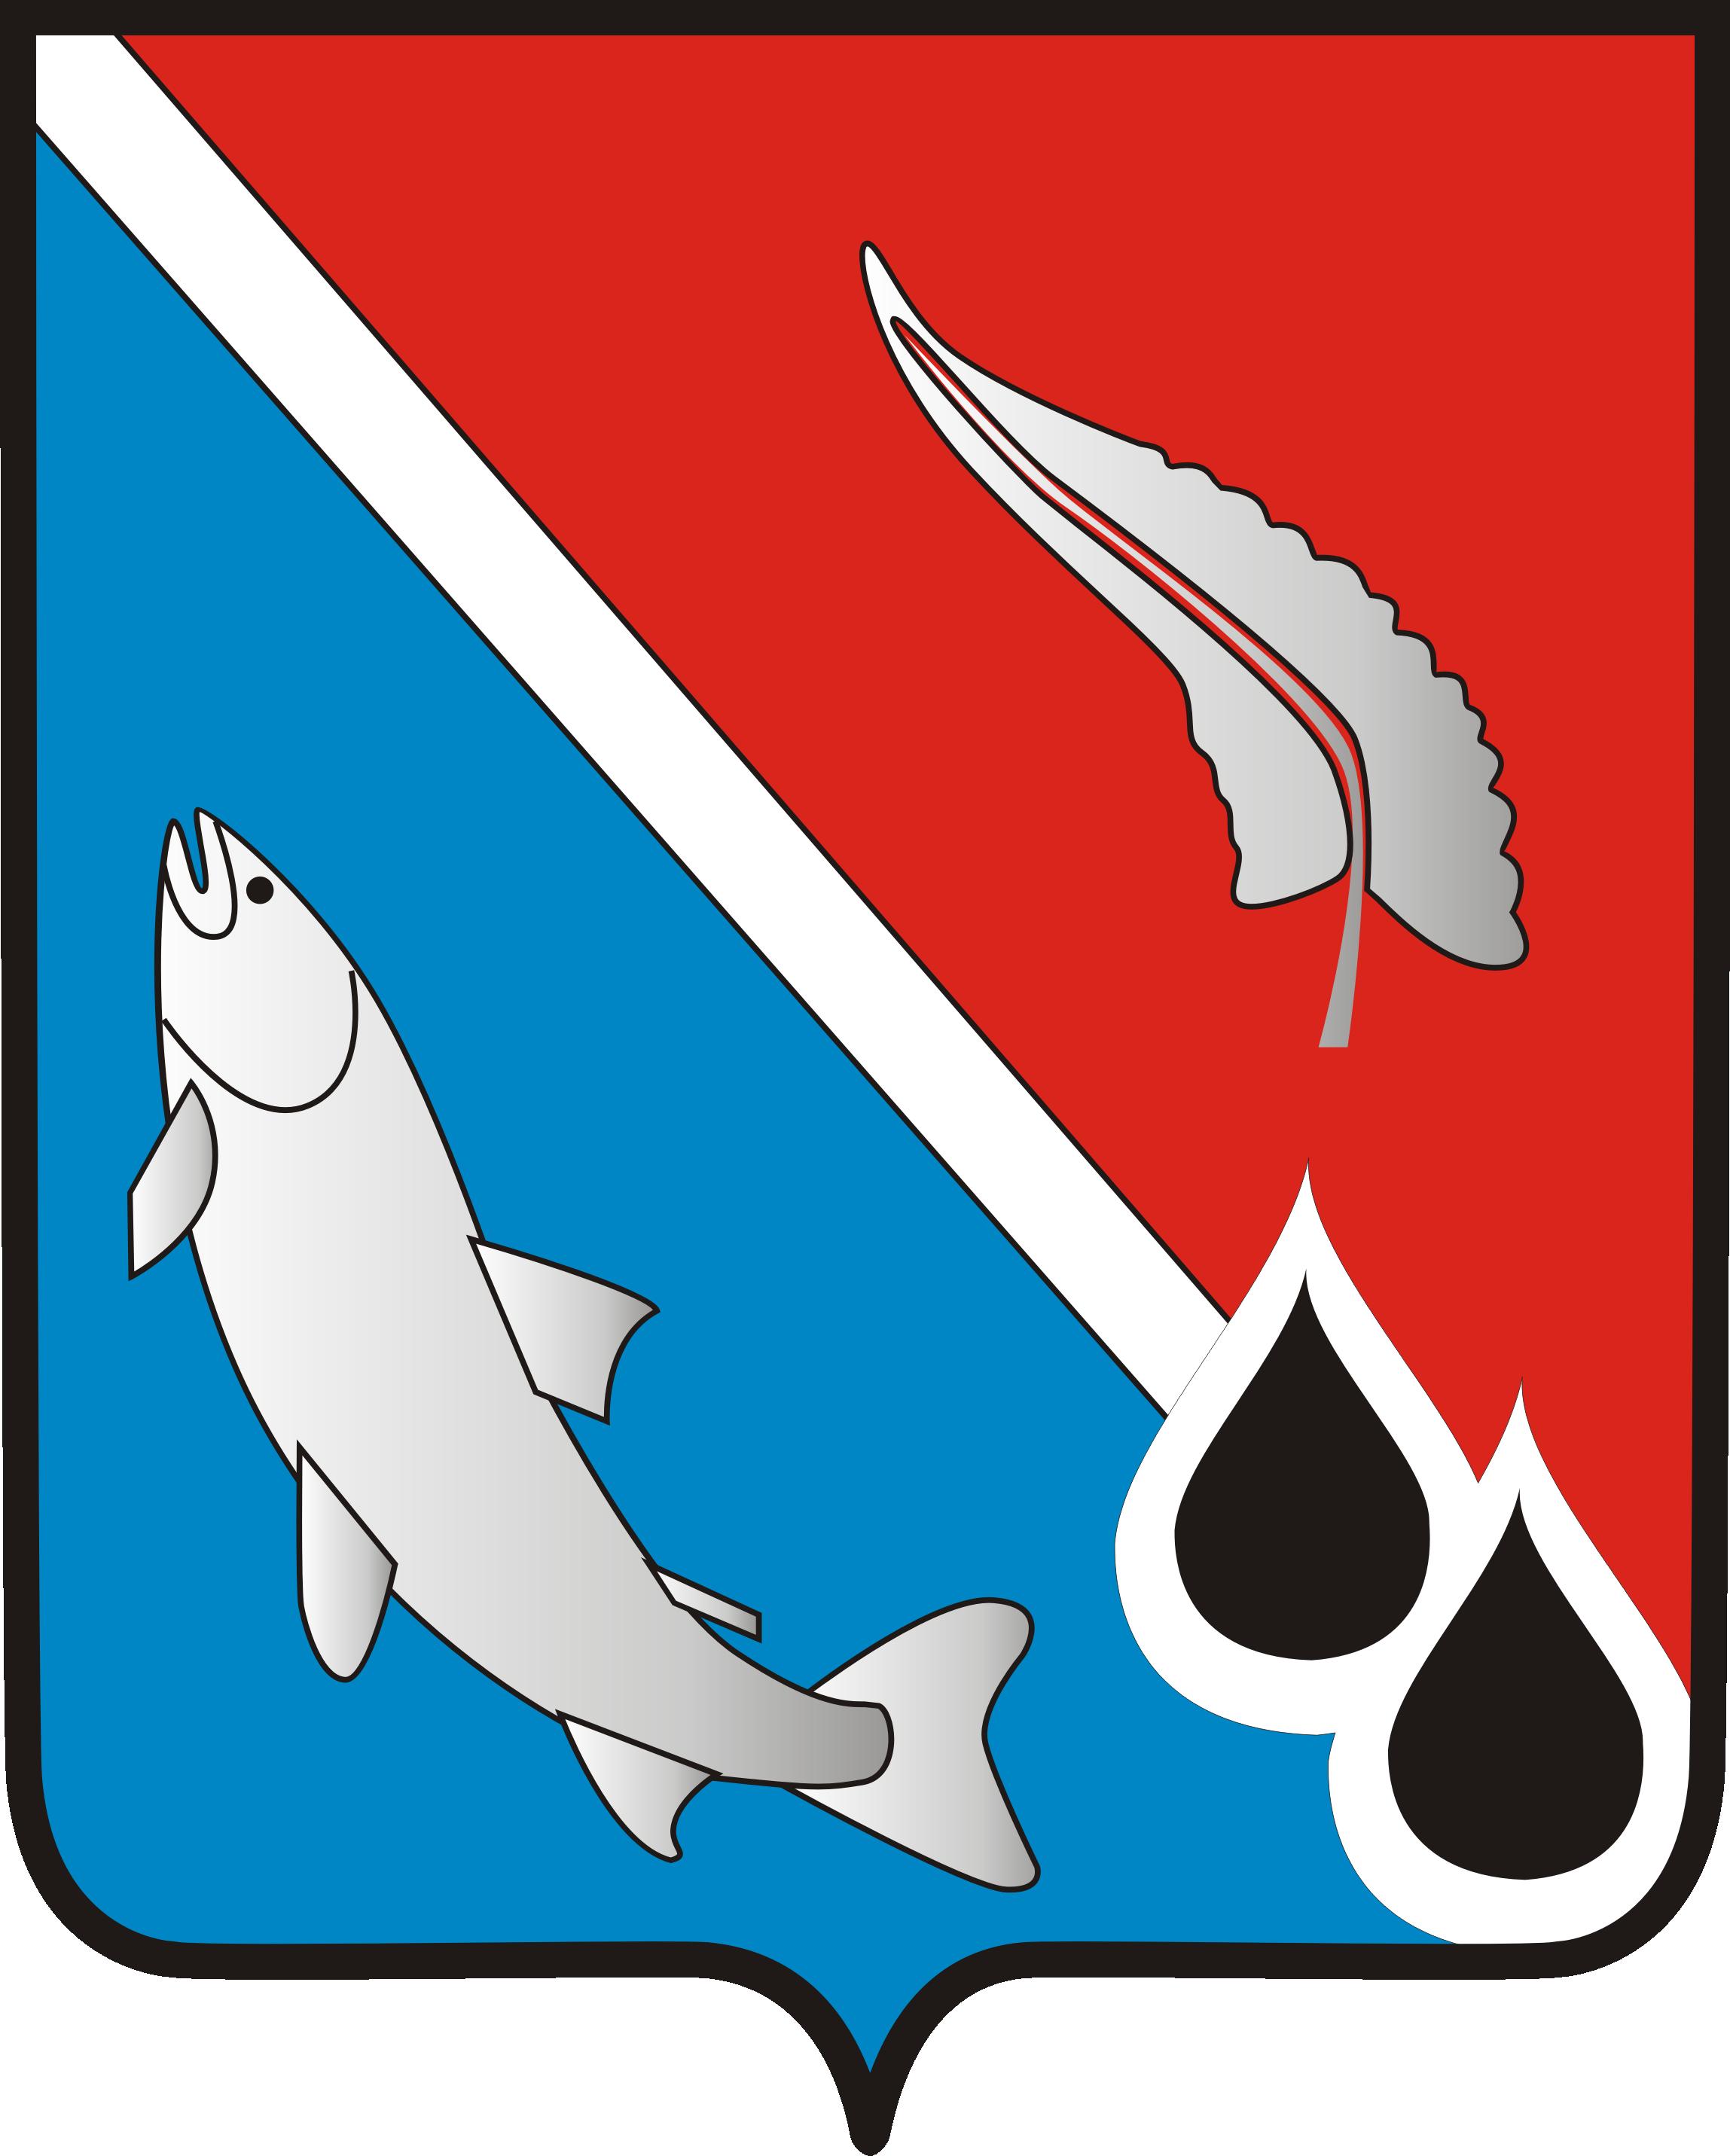 герб Ногликского городского округа